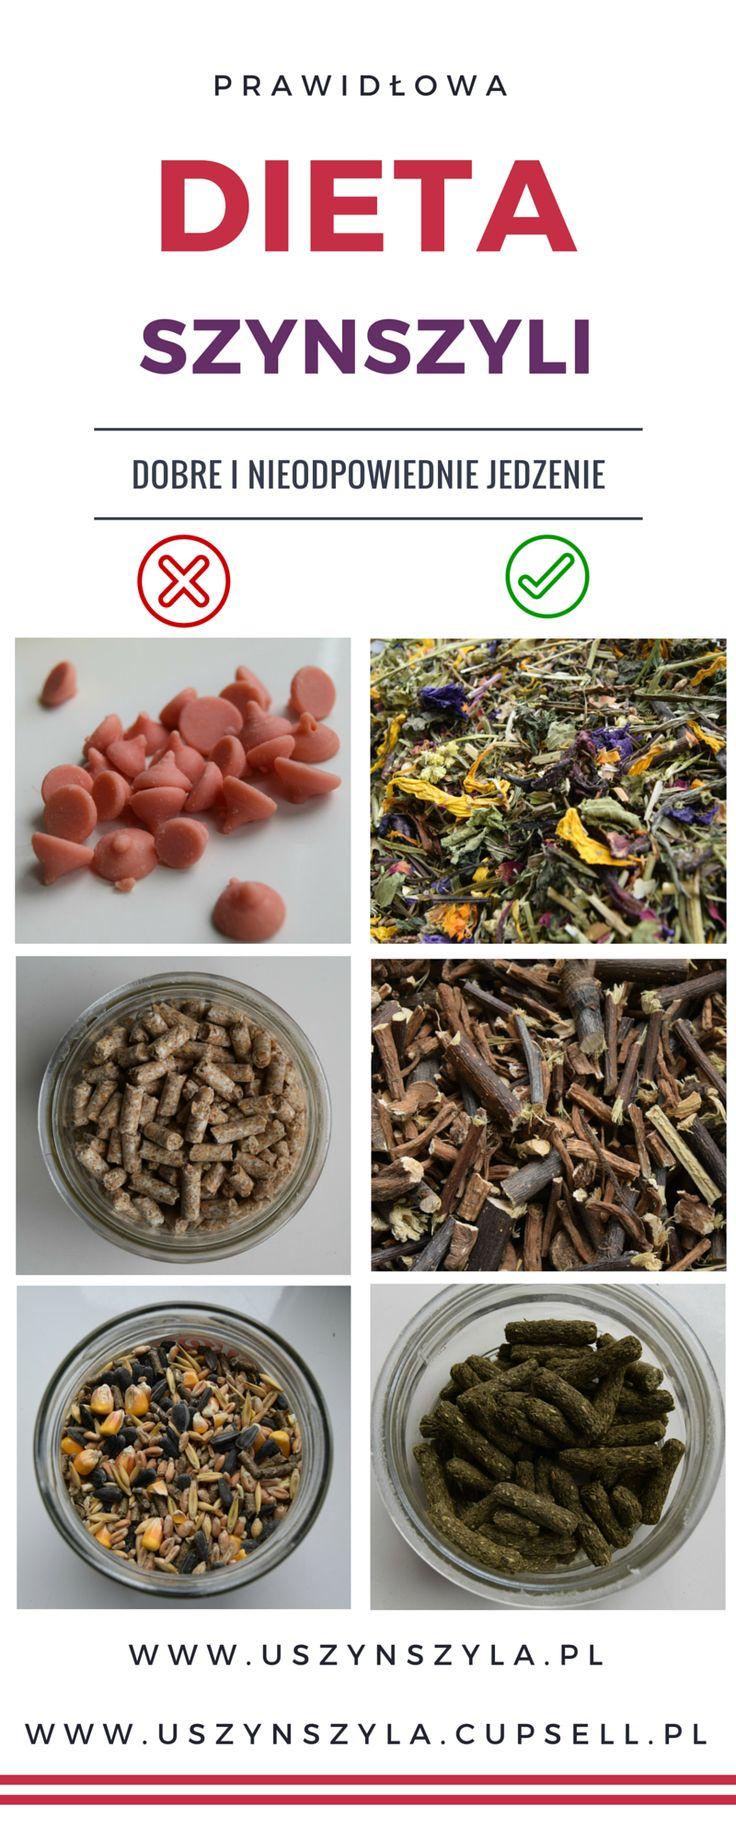 Co mogą, a czego nie powinny jeść szynszyle? #szynszyle #szynszyla #dieta #diy #inspirations #chinchilla #chinchillas #food